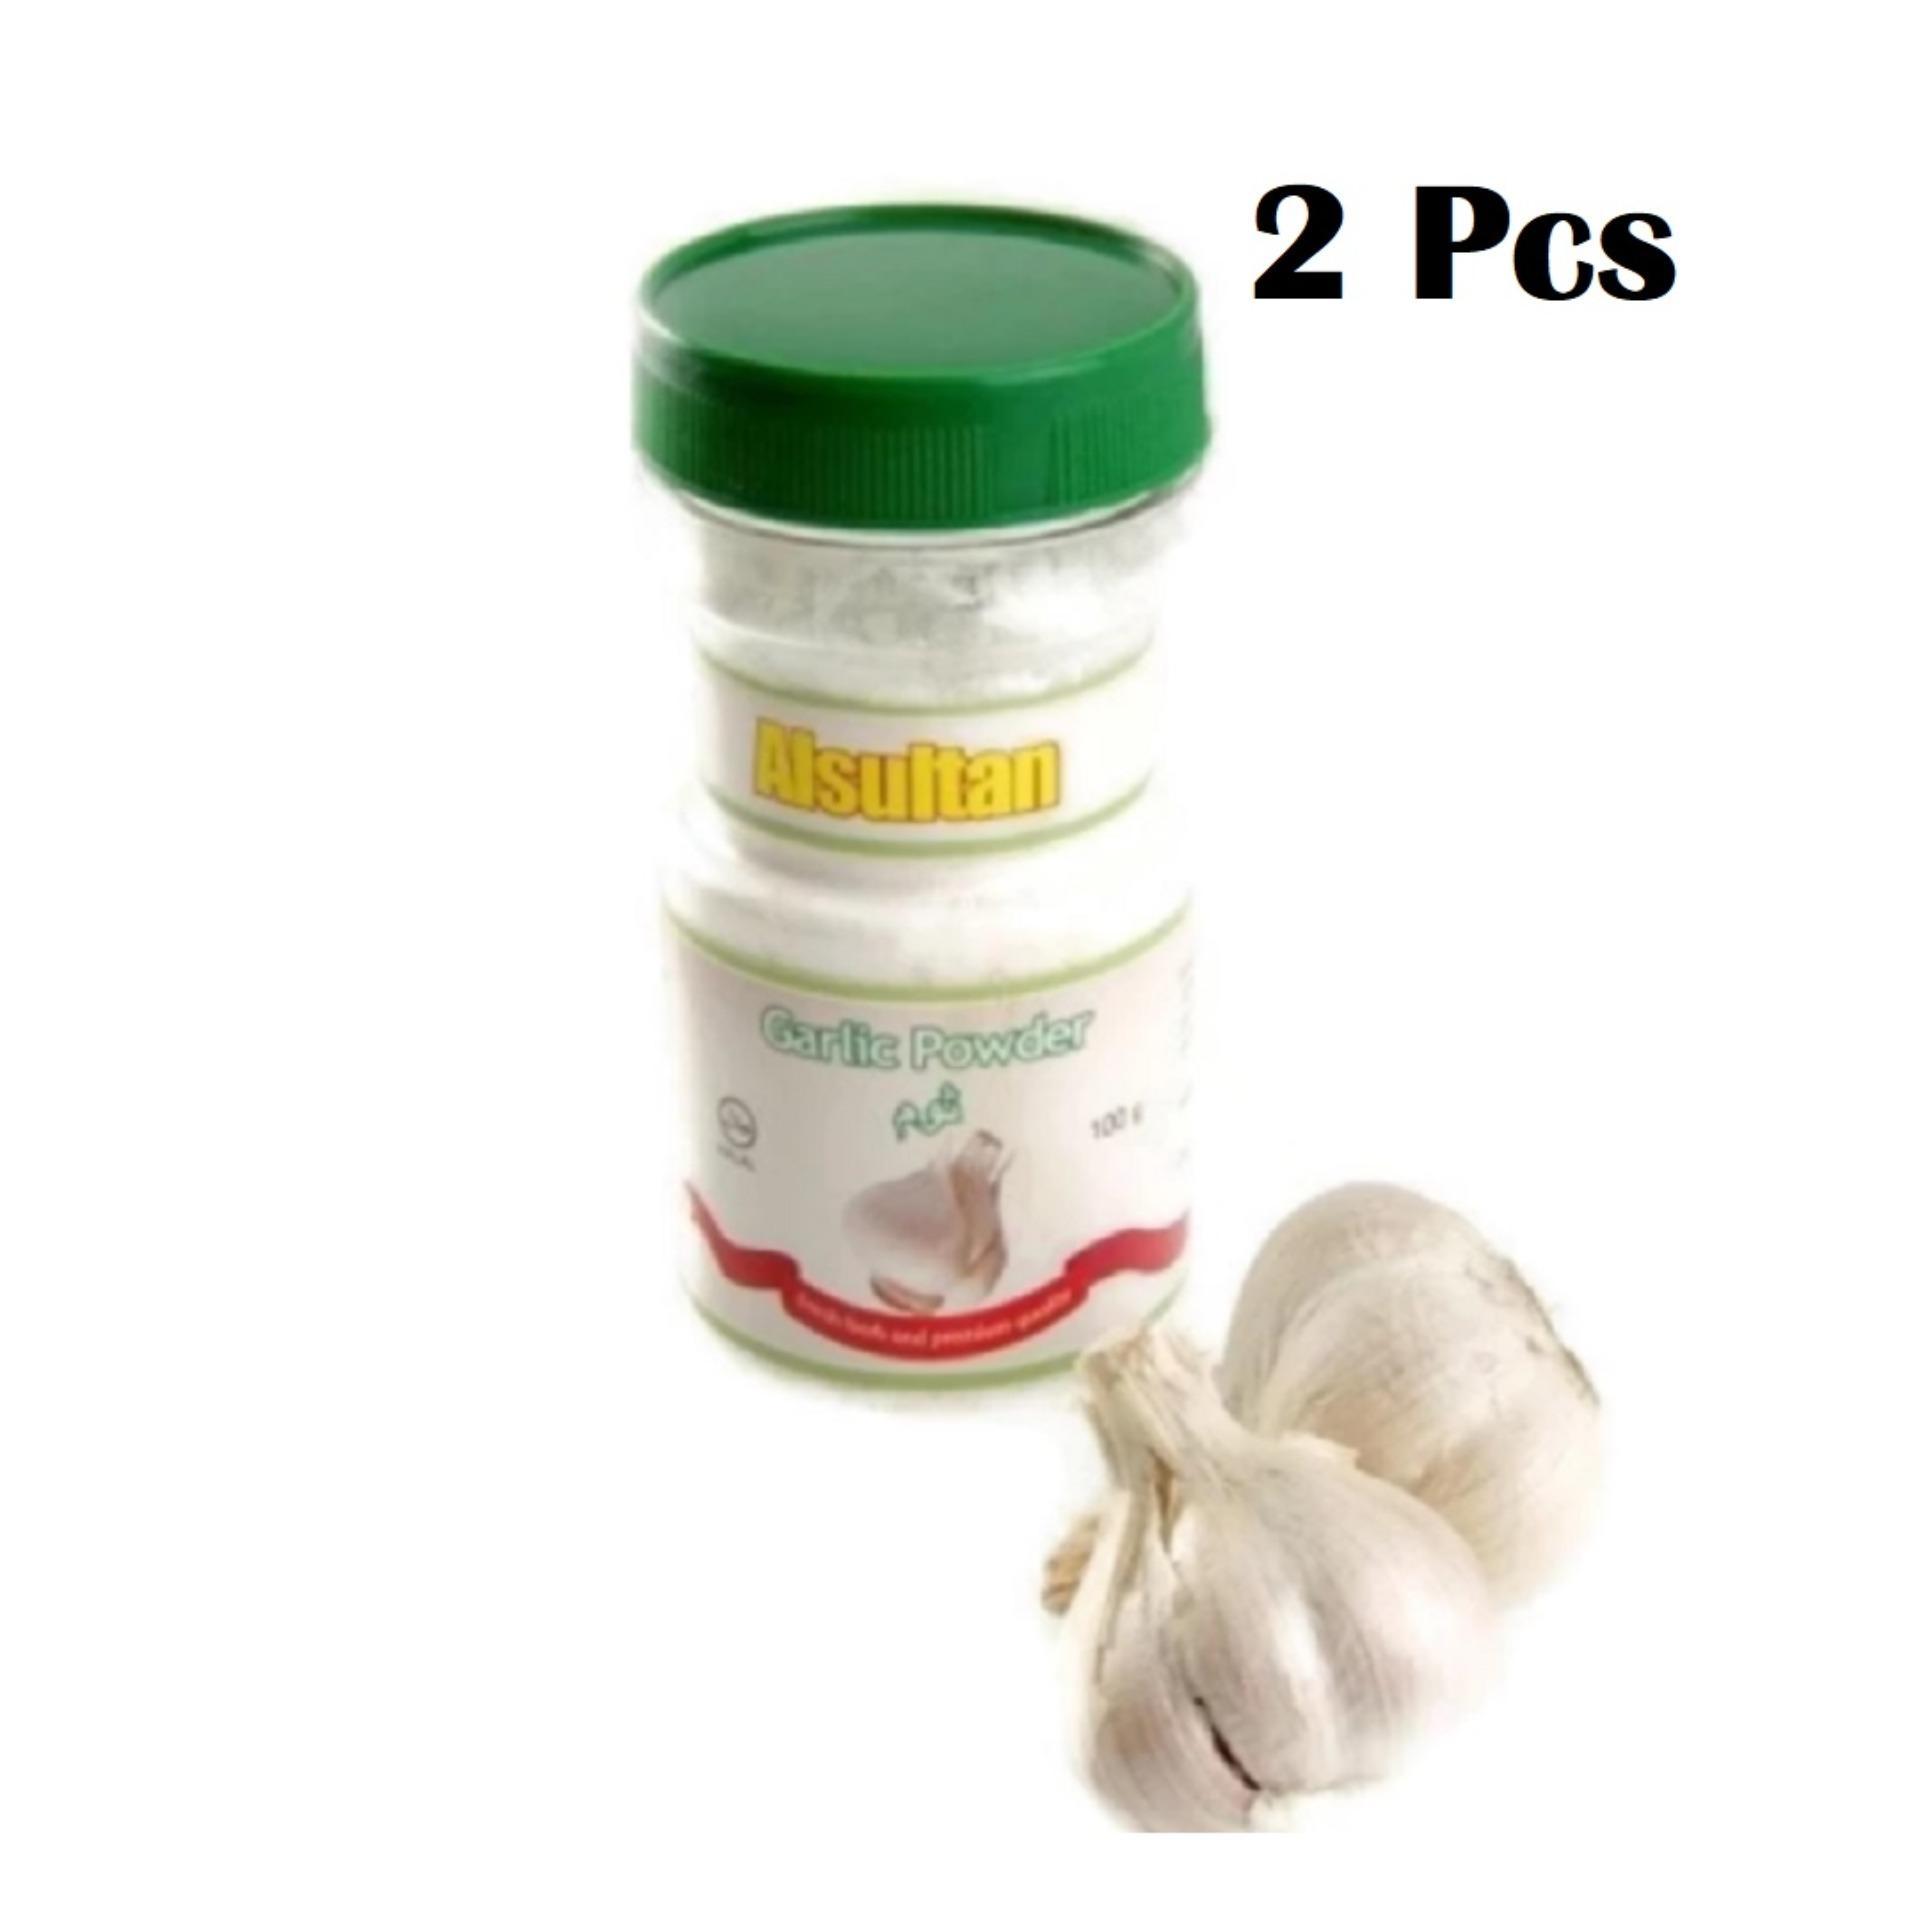 Bawang Putih Bubuk Halus Garlic Powder Al Sultan 80 gr - 2 Pcs